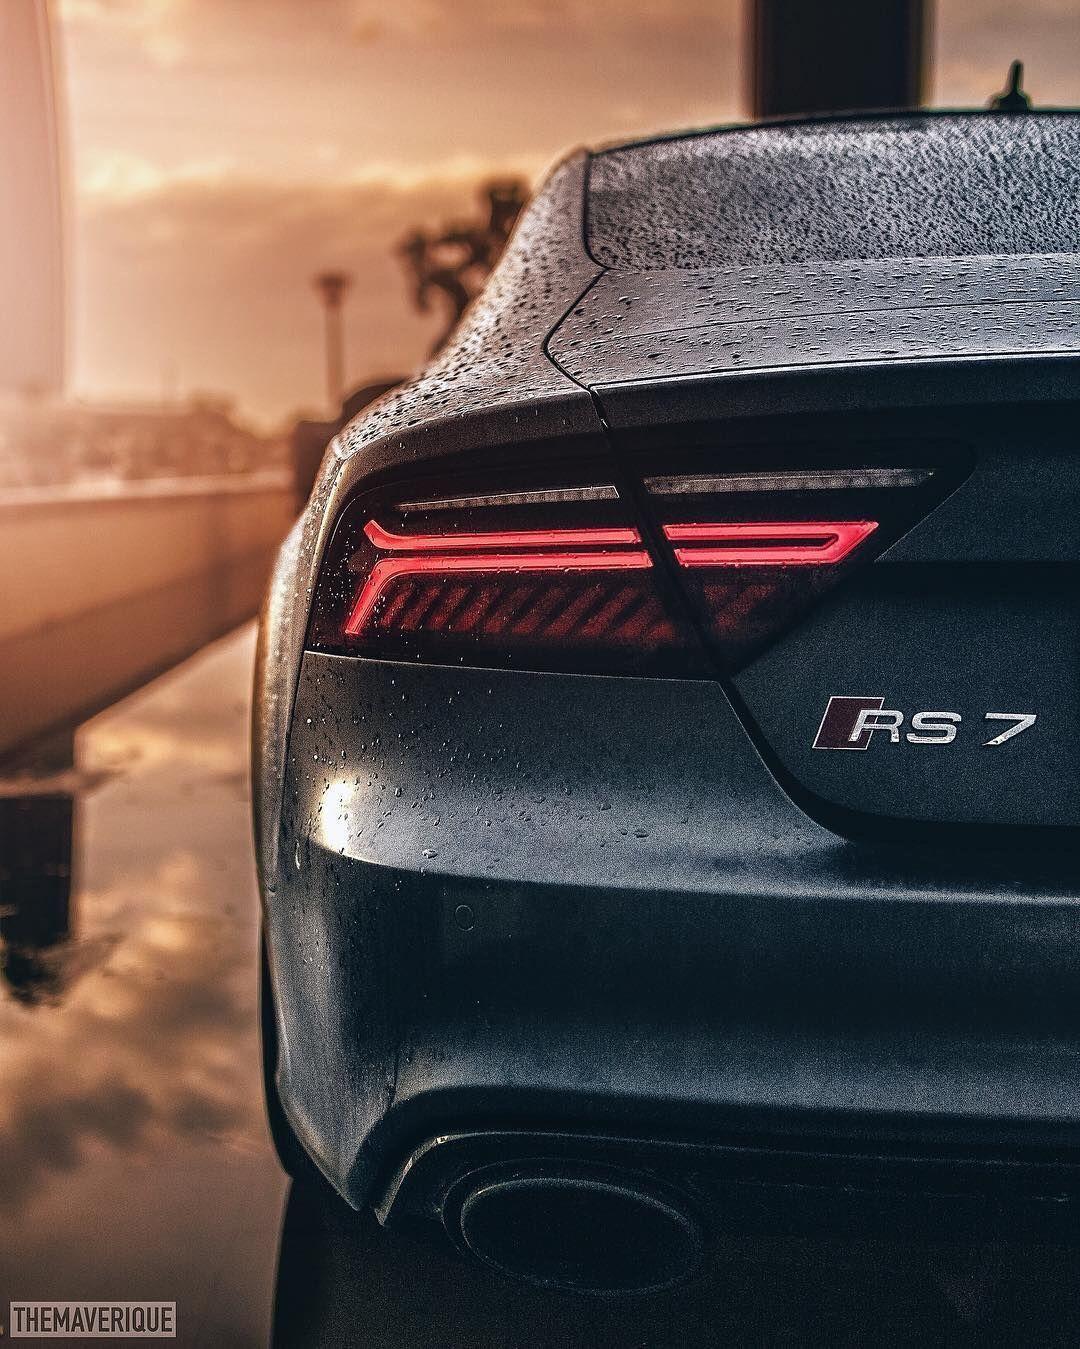 Audi Rs7 Wallpaper Audi Rs7 Audi Rs7 Sportback Car Volkswagen